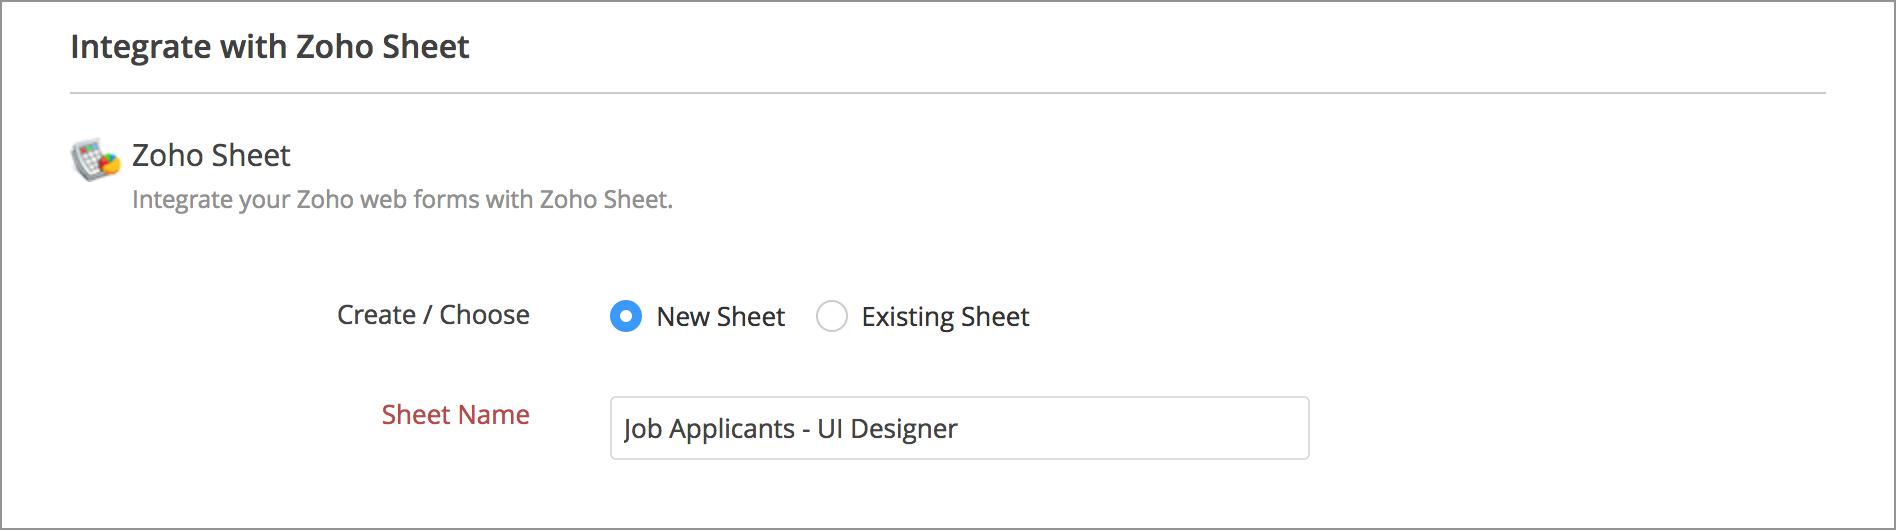 Zoho Spreadsheet Login Within Zoho Sheet Integration  Zoho Forms  User Guide Zoho Spreadsheet Login Spreadsheet Downloa Spreadsheet Downloa zoho spreadsheet login